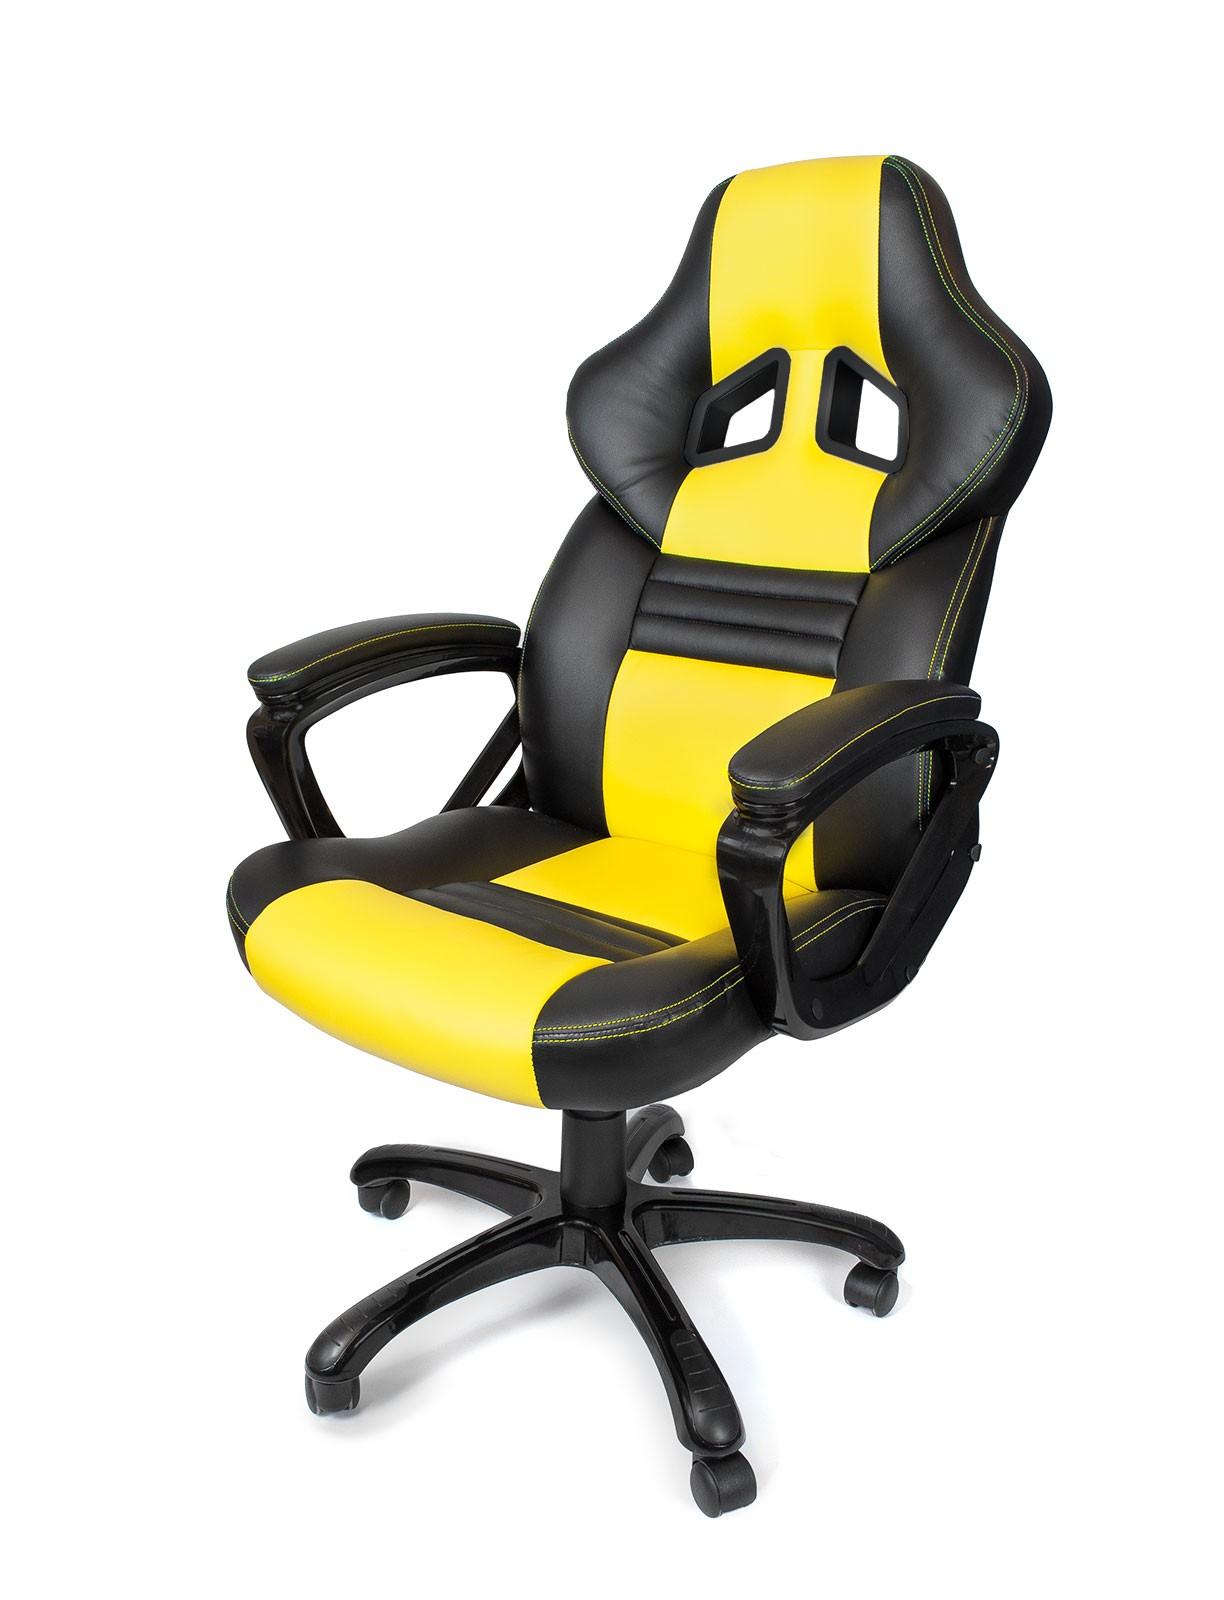 Comprar silla gaming arozzi monza amarilla en for Donde comprar una silla gamer